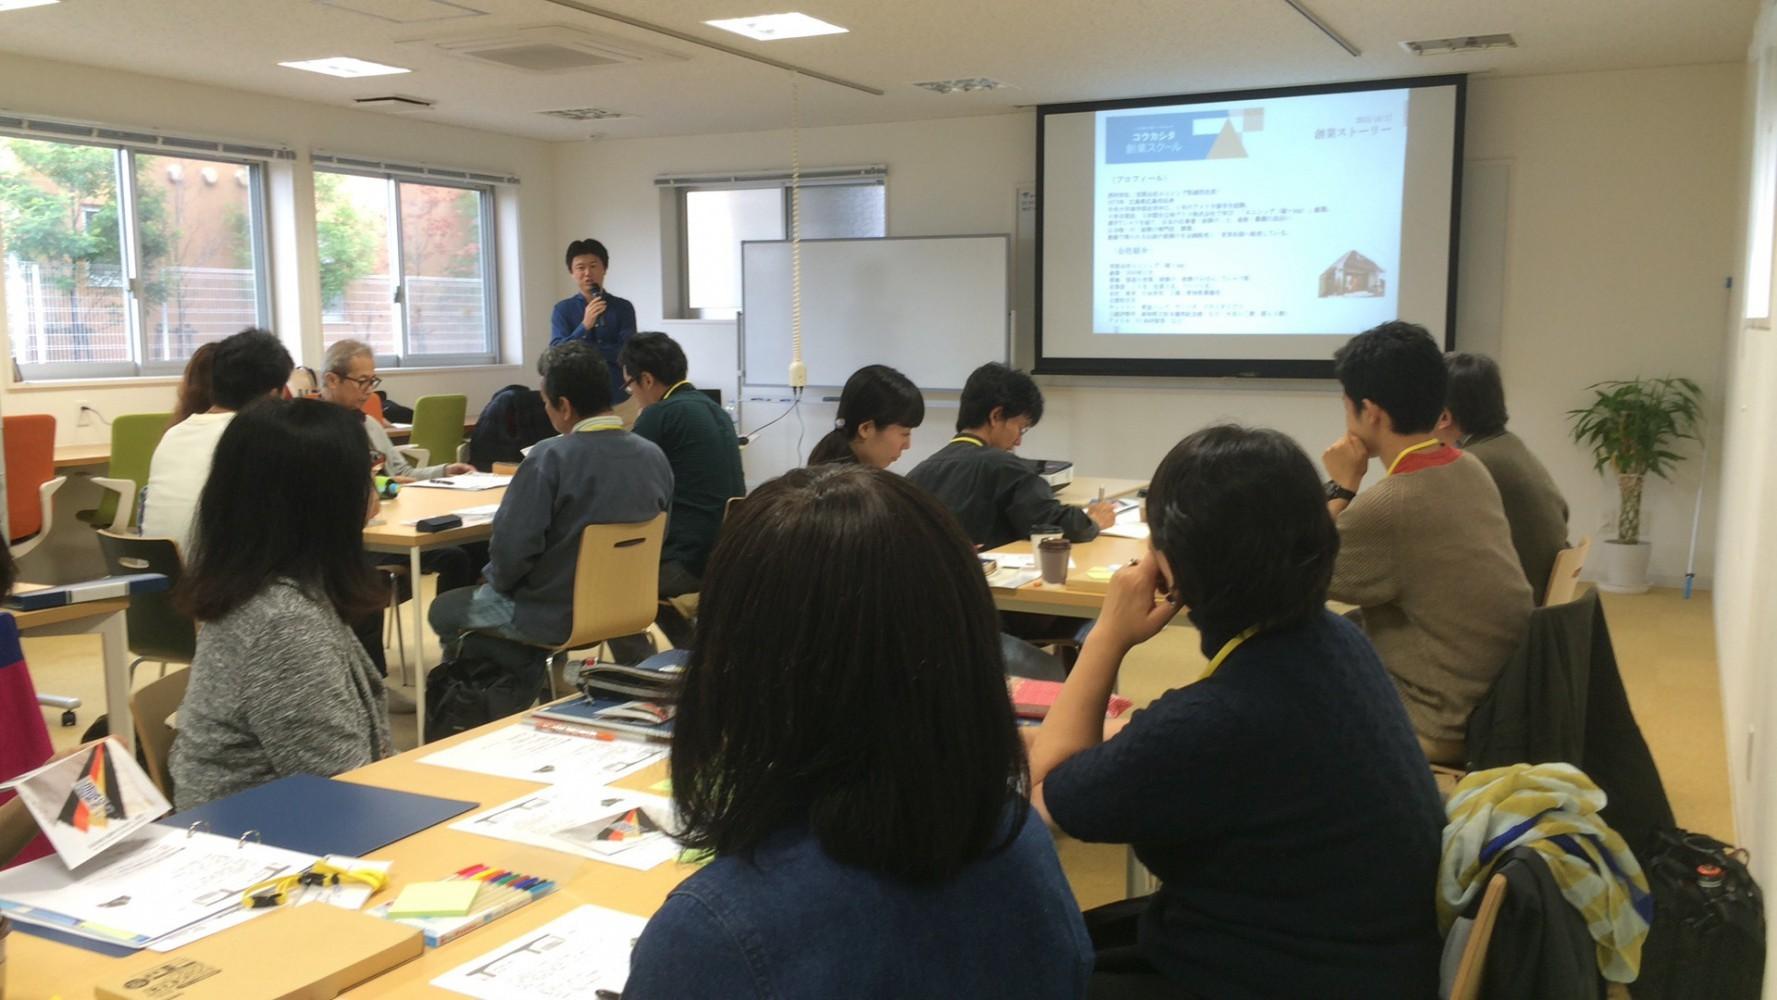 【レポート】「コウカシタ創業スクール2015」DAY2 事例研究/創業ストーリー